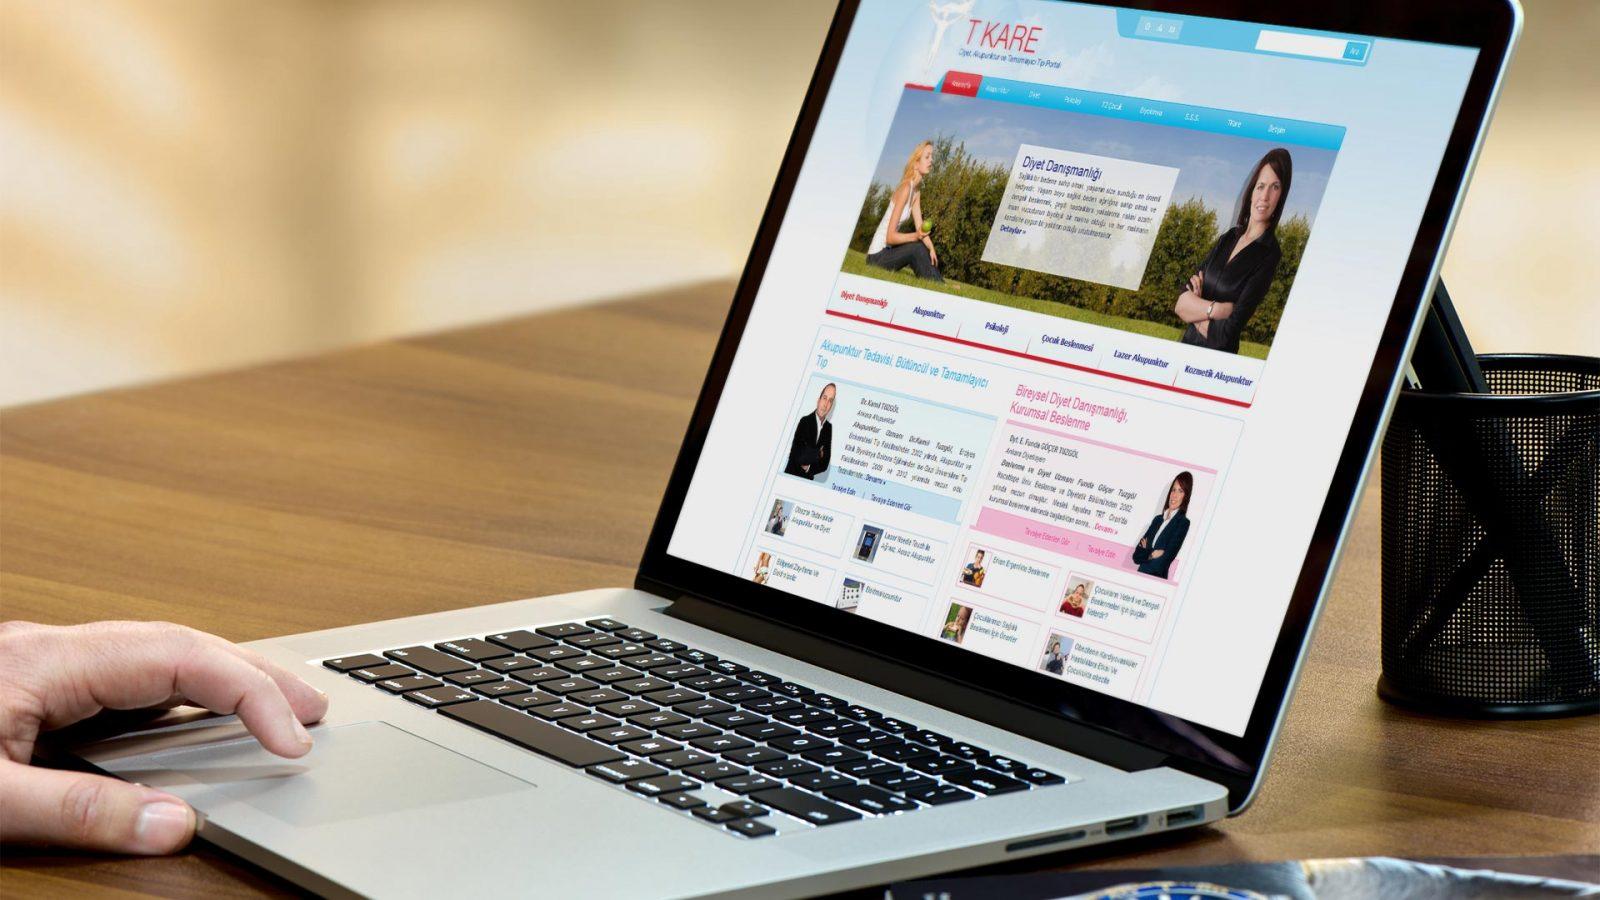 tkare diyet web sitesi tasarımı 01